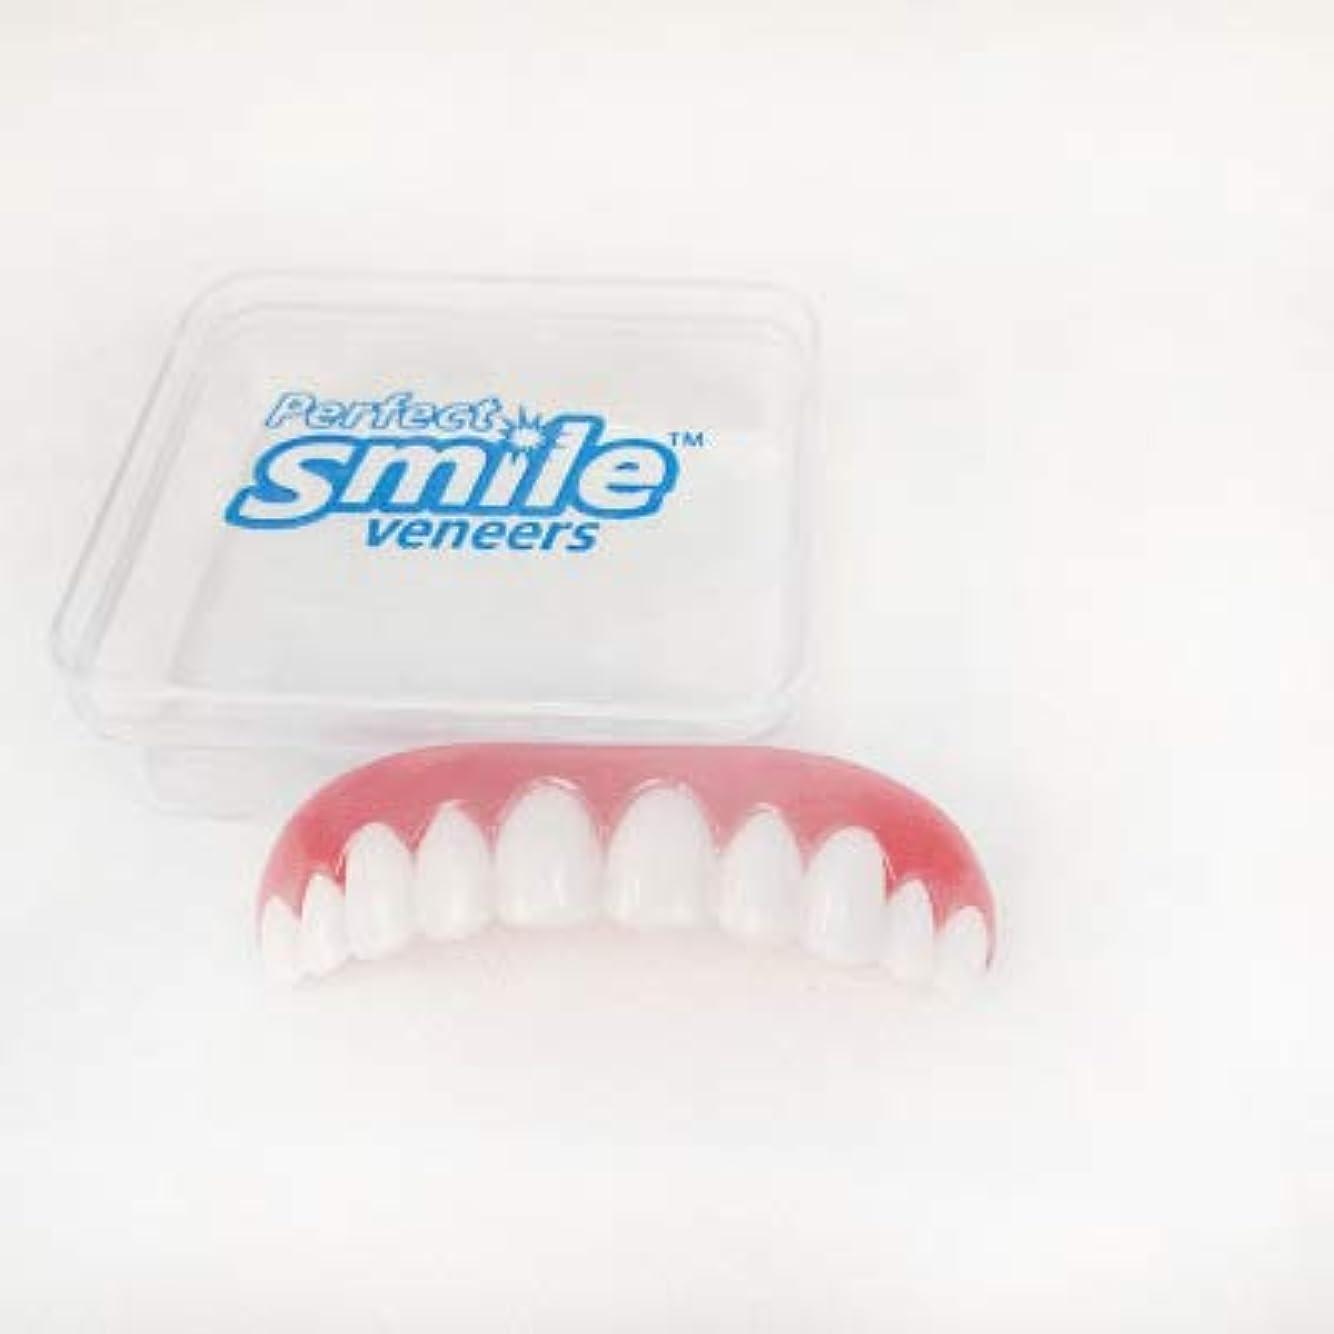 魔術師経由で永続3セット、化粧品の歯、白い歯をきれいにするコンフォートフィットフレックス歯ソケット、化粧品の歯義歯の歯のトップ化粧品